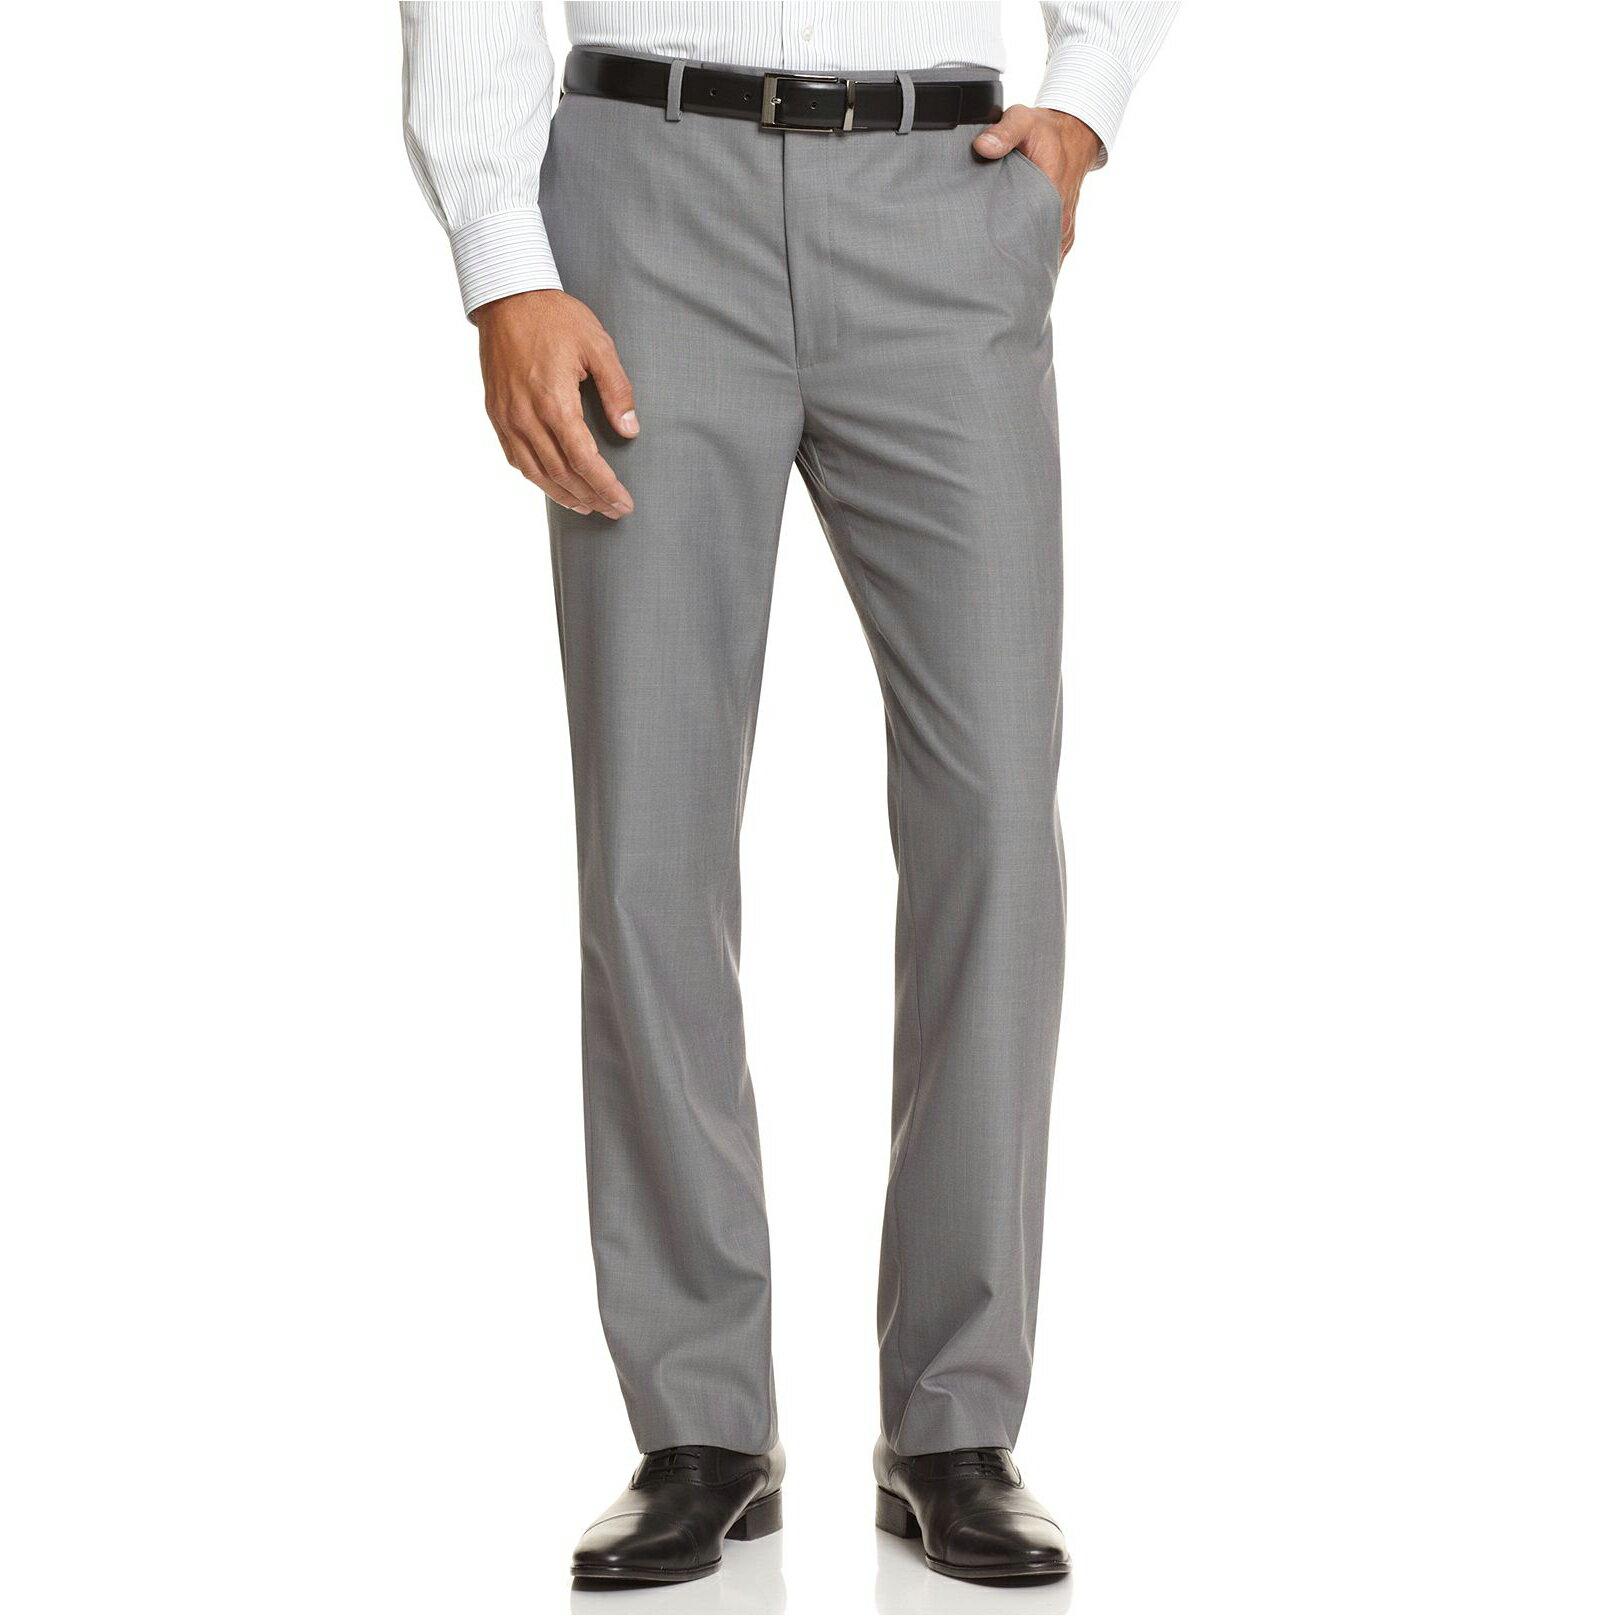 美國百分百【全新真品】Calvin Klein 長褲 西裝褲 合身 窄 休閒 上班 淺灰 30 32 33腰 E221